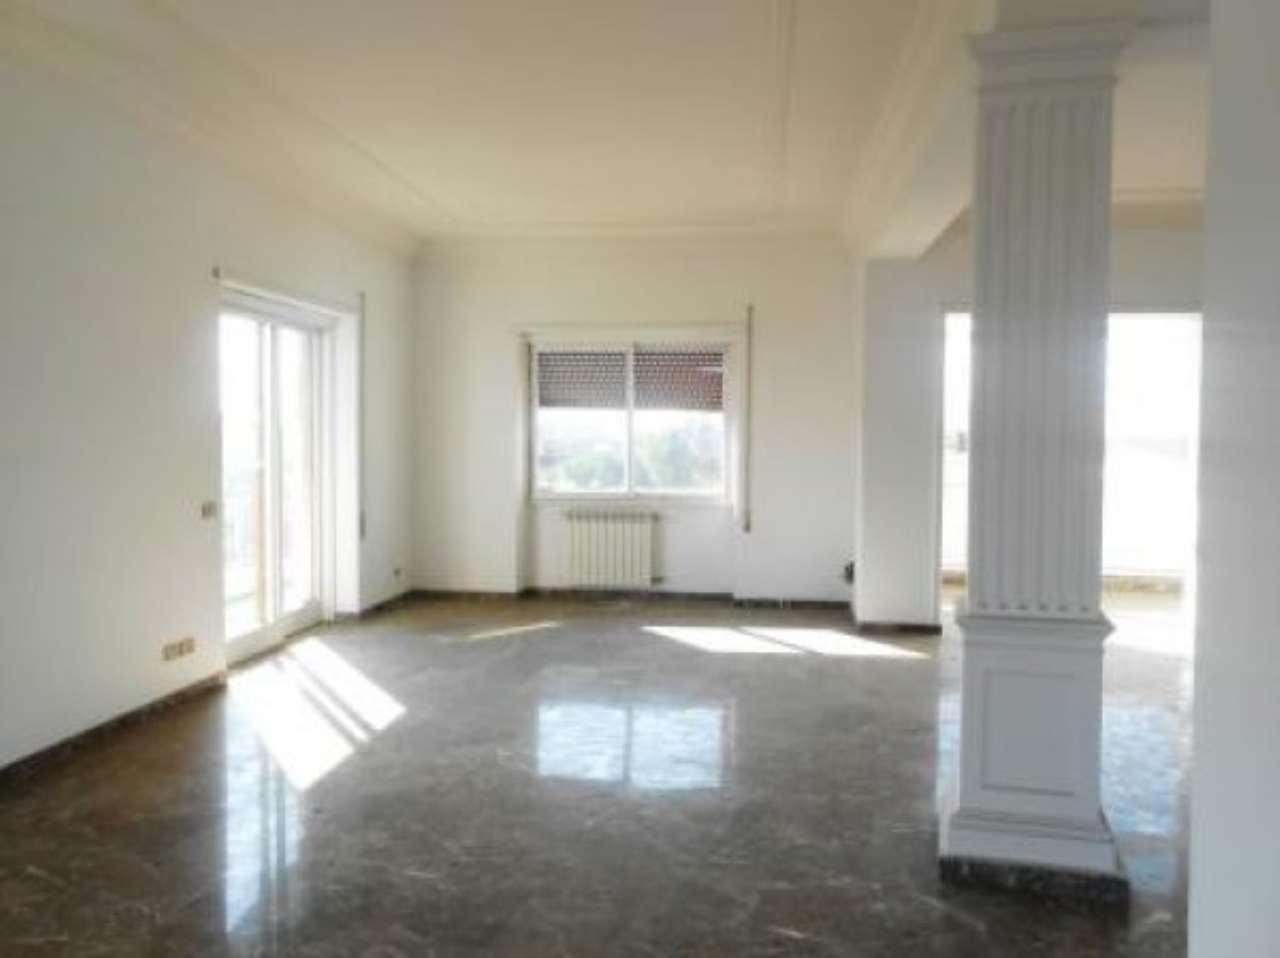 Appartamento in vendita a Roma, 6 locali, zona Zona: 32 - Fleming, Vignaclara, Monte Milvio, prezzo € 1.400.000 | CambioCasa.it